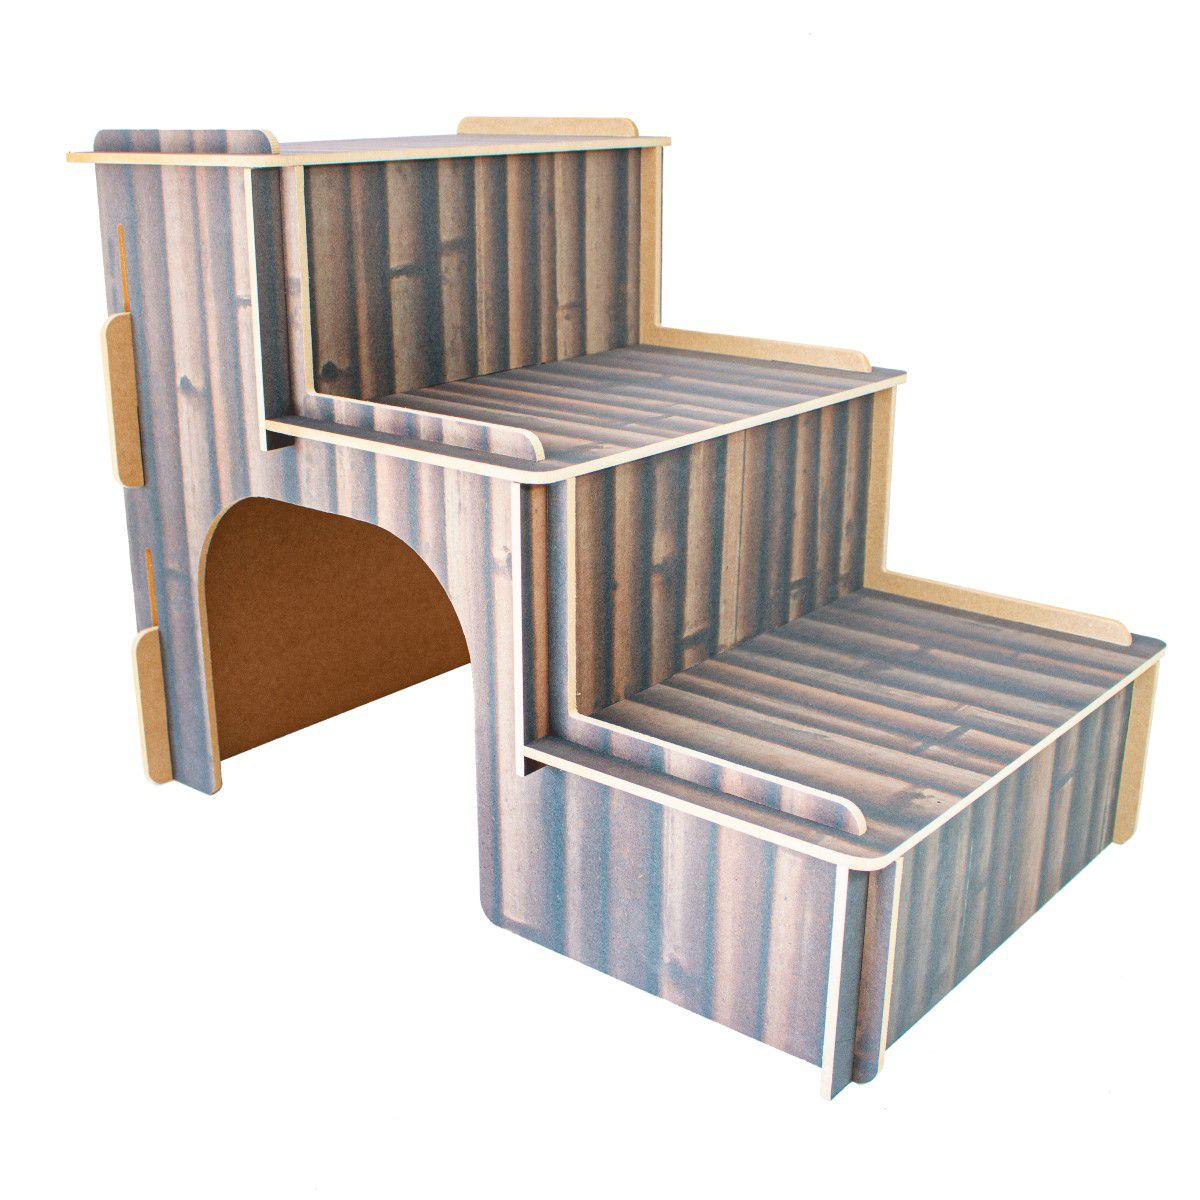 Escada MDF Para Cachorro e Gatos - Bambo